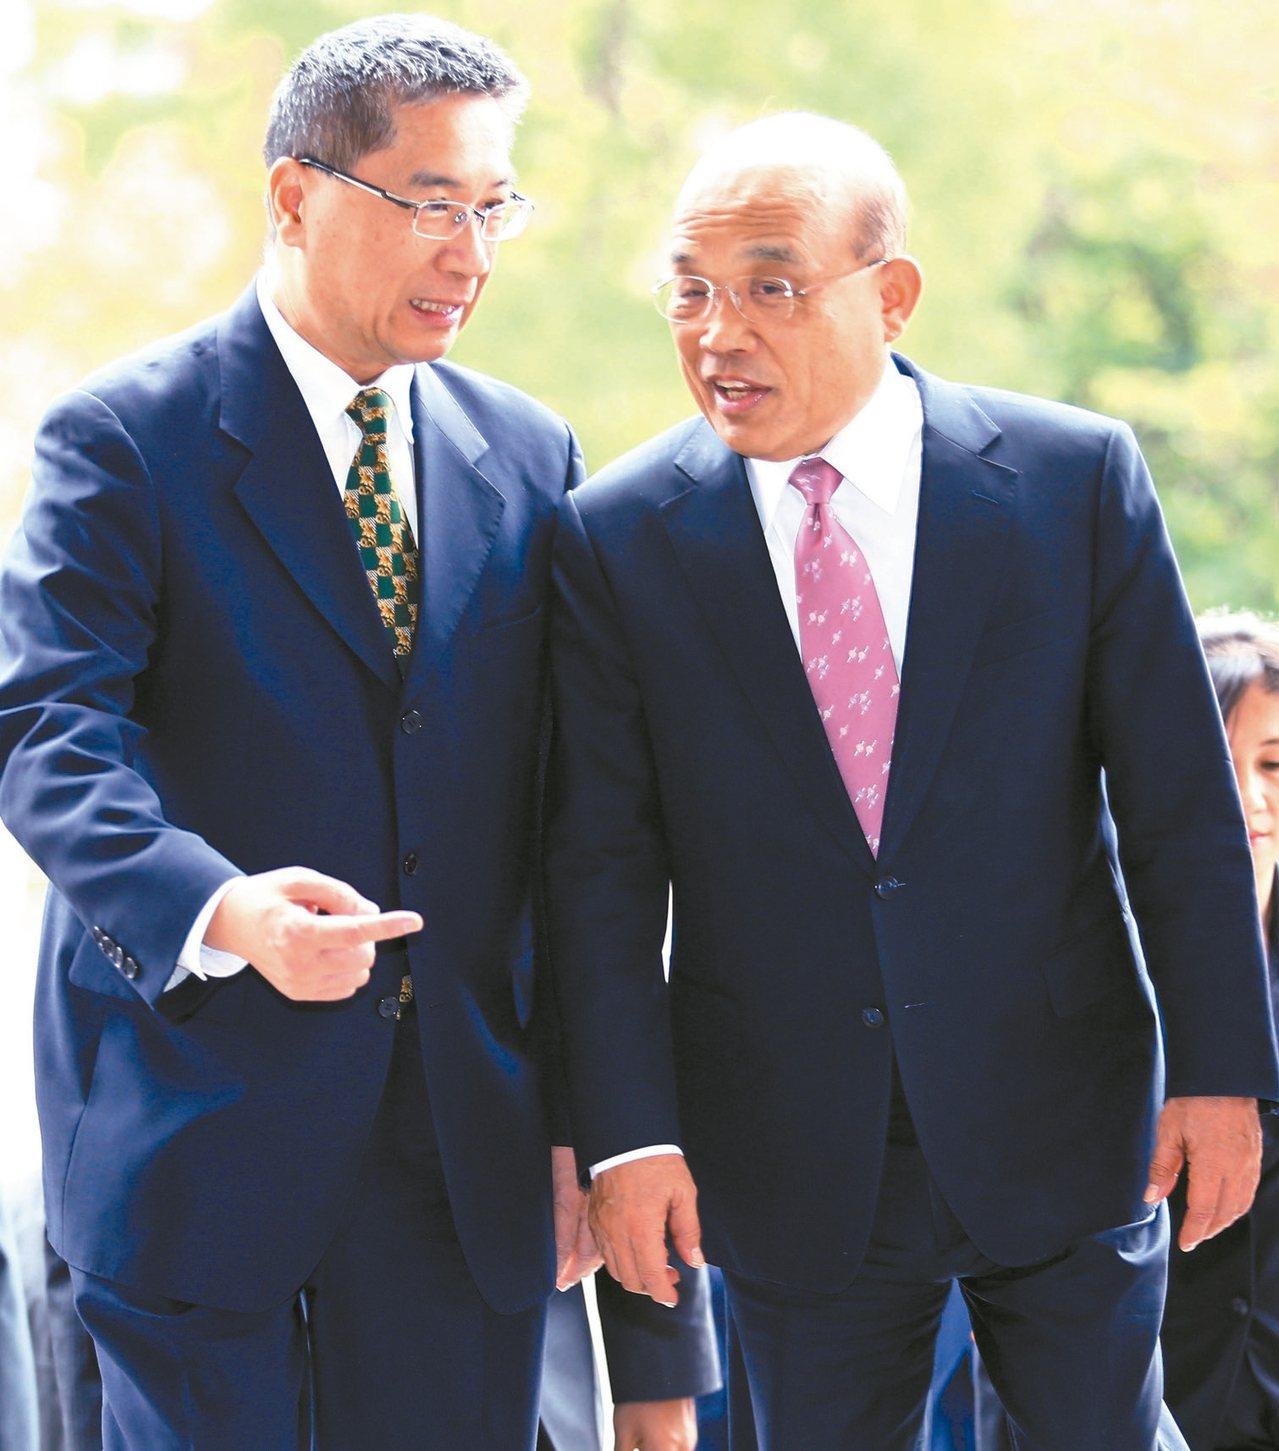 行政院長蘇貞昌(右)上午出席台灣警專校慶活動,不時與內政部長徐國勇(左)低聲交談...